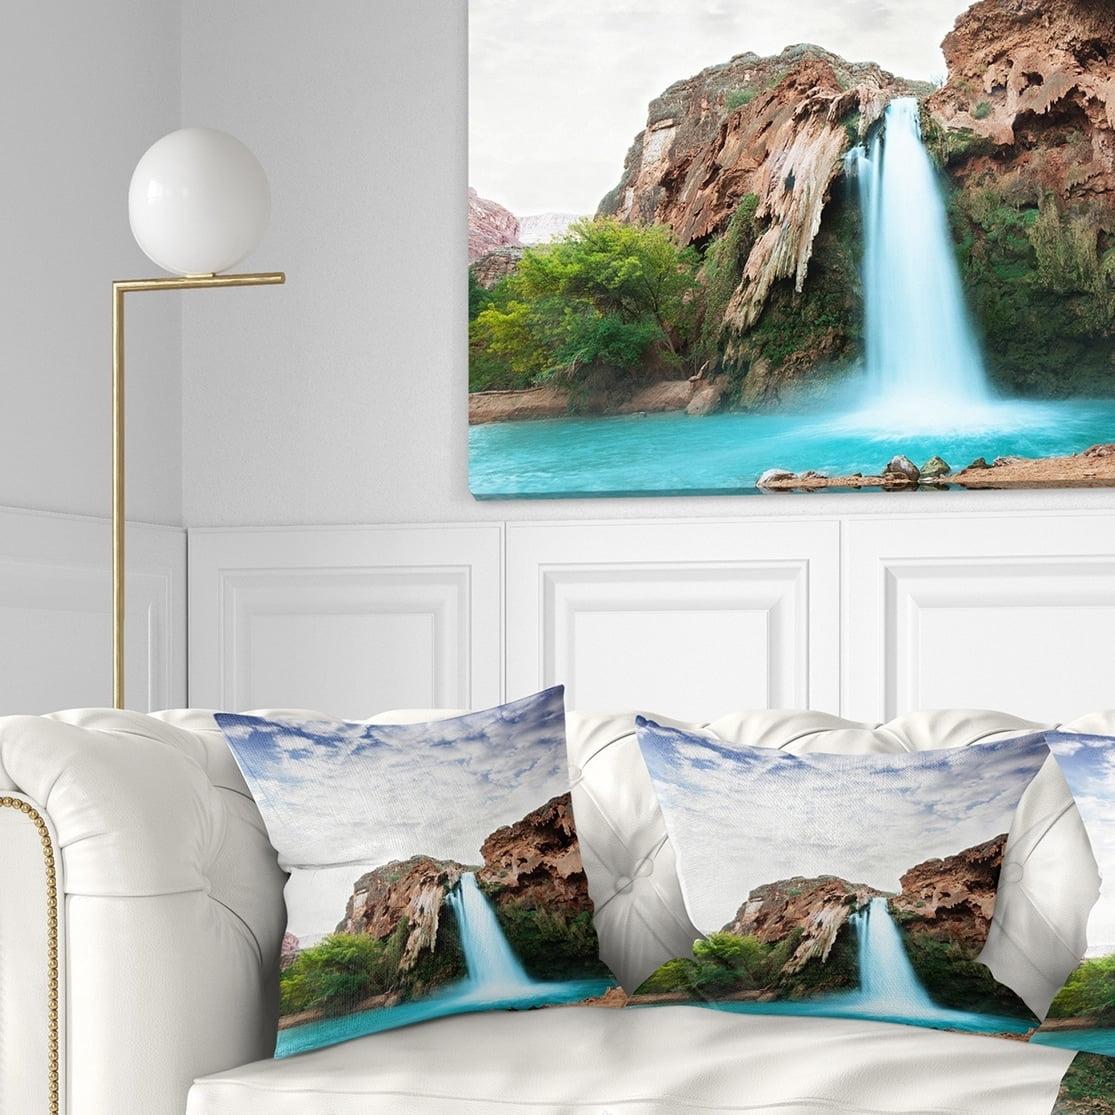 Design Art Designart Amazing Waterfall Under Cloudy Sky Landscape Printed Throw Pillow Walmart Com Walmart Com